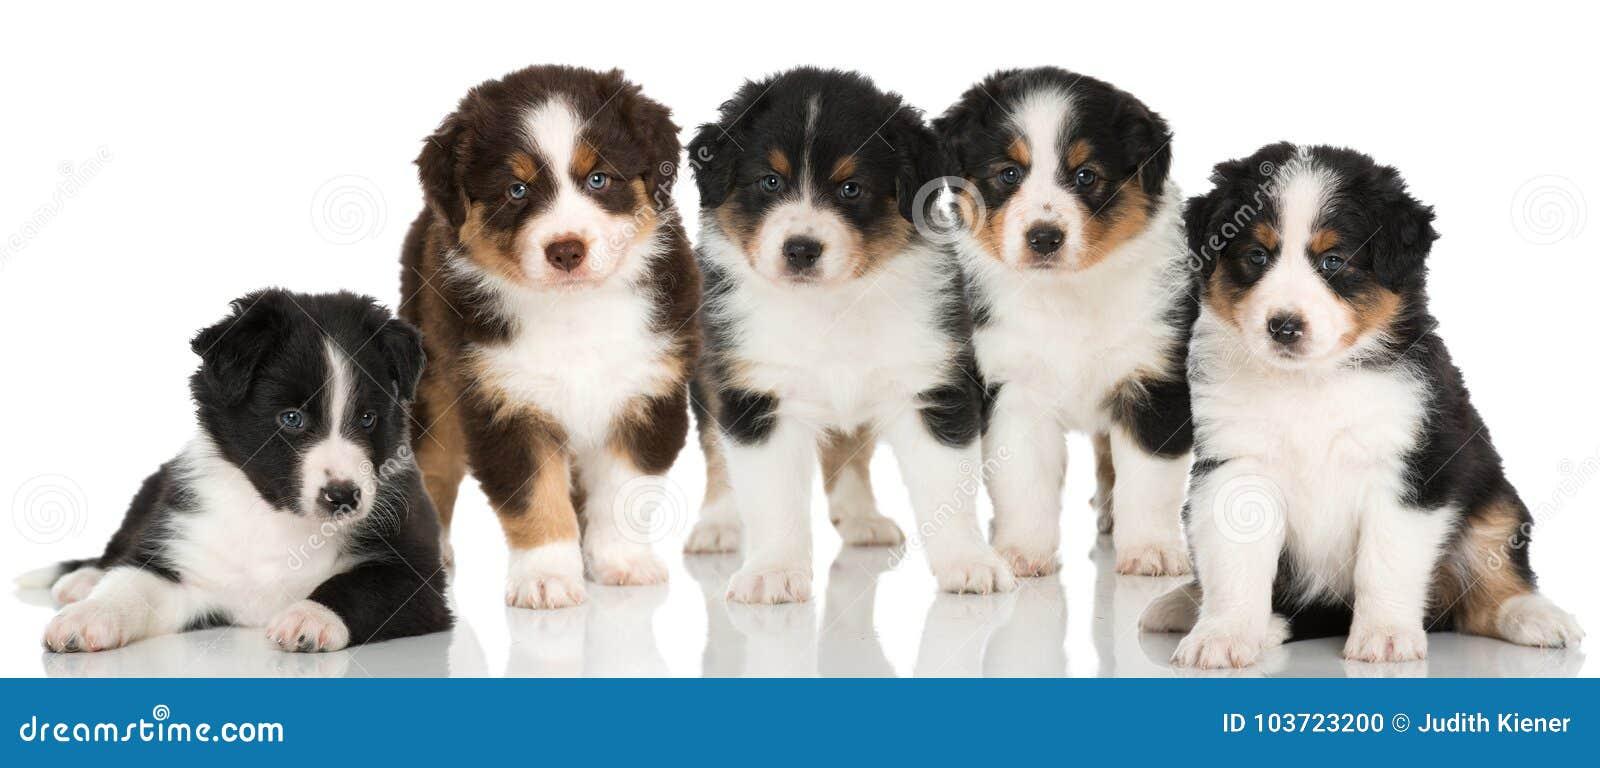 Five australian shepherd puppies